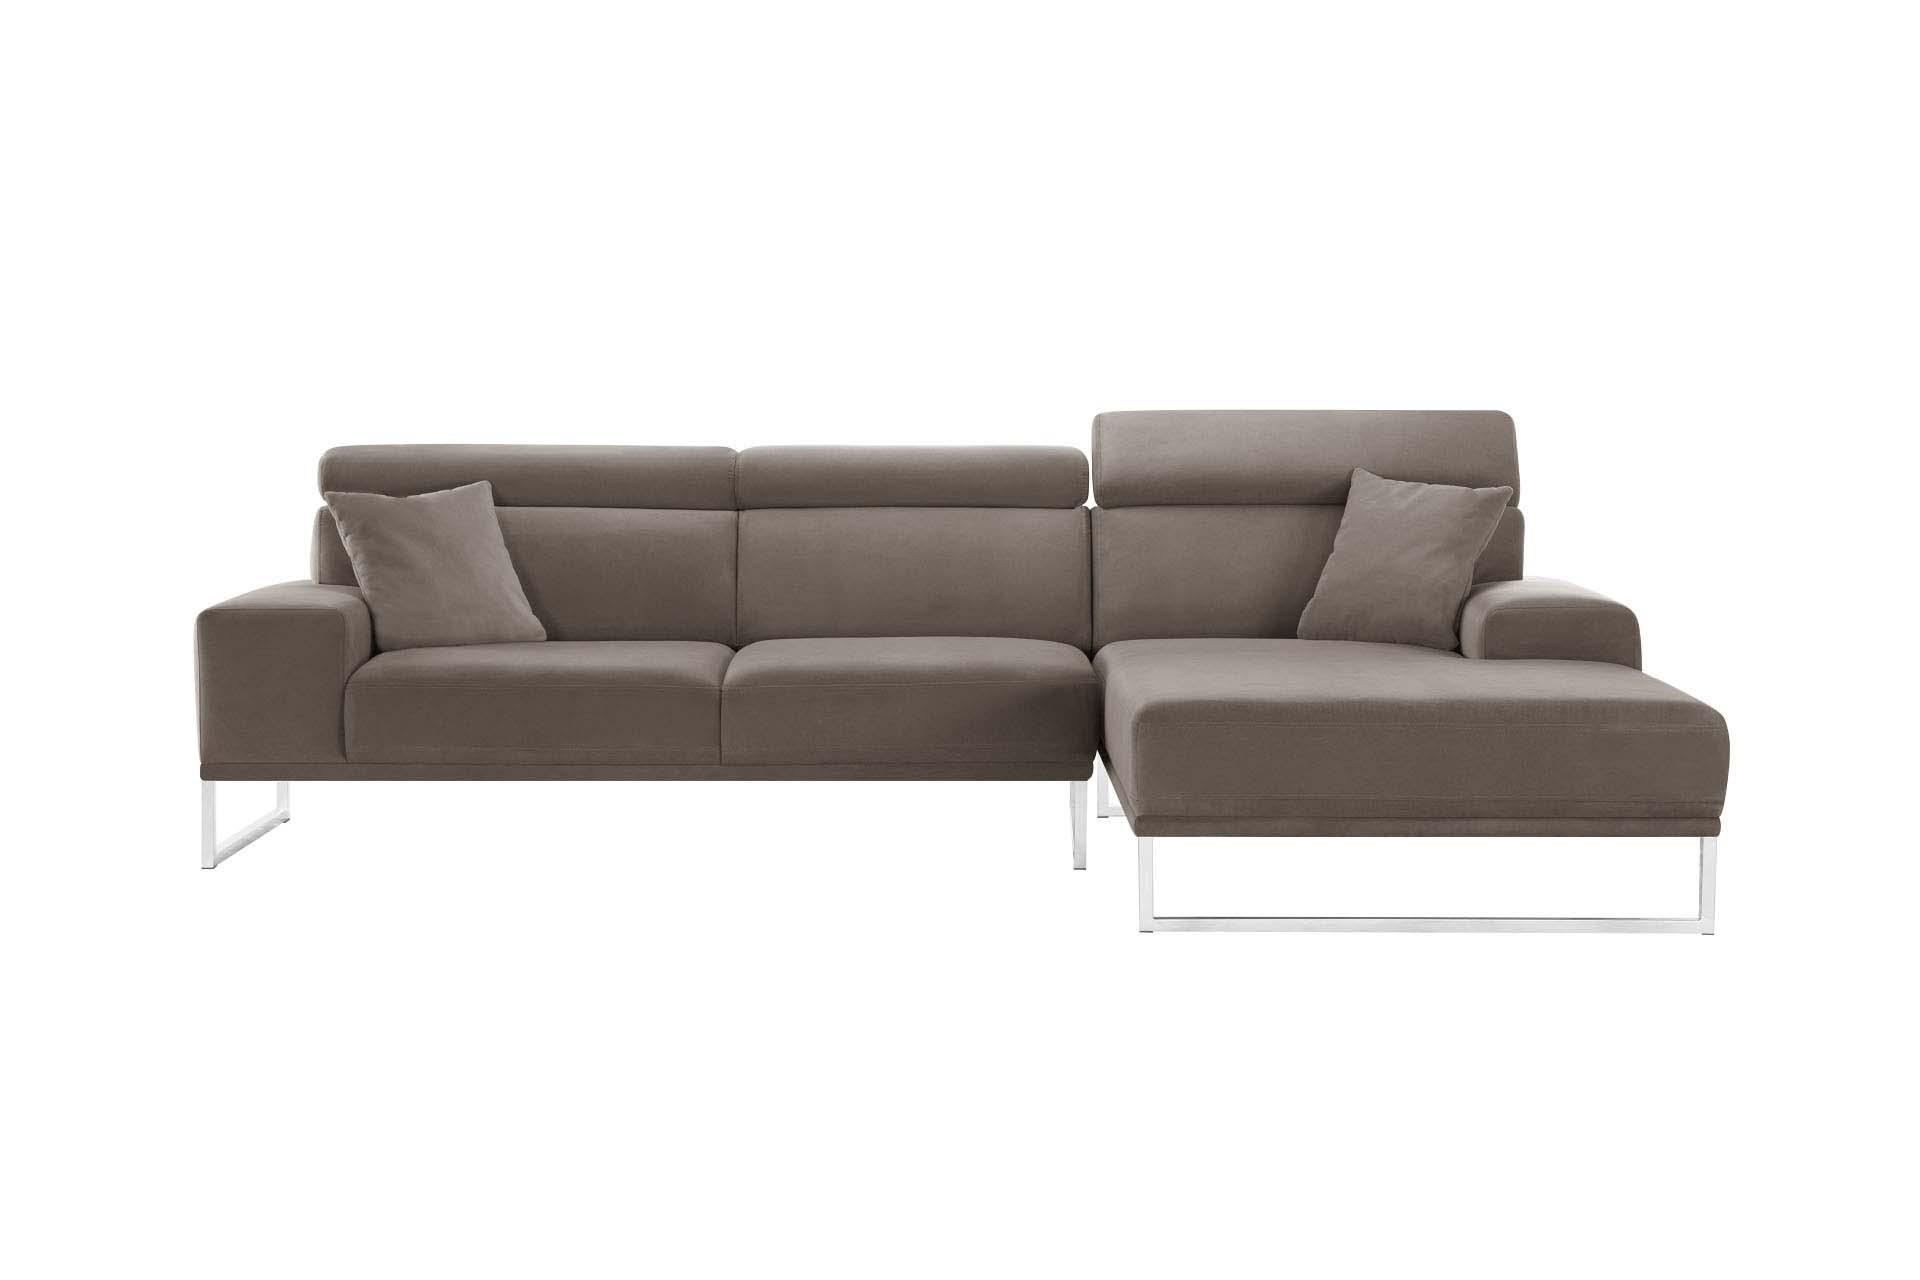 Canapé d'angle droit 5 places en velours taupe